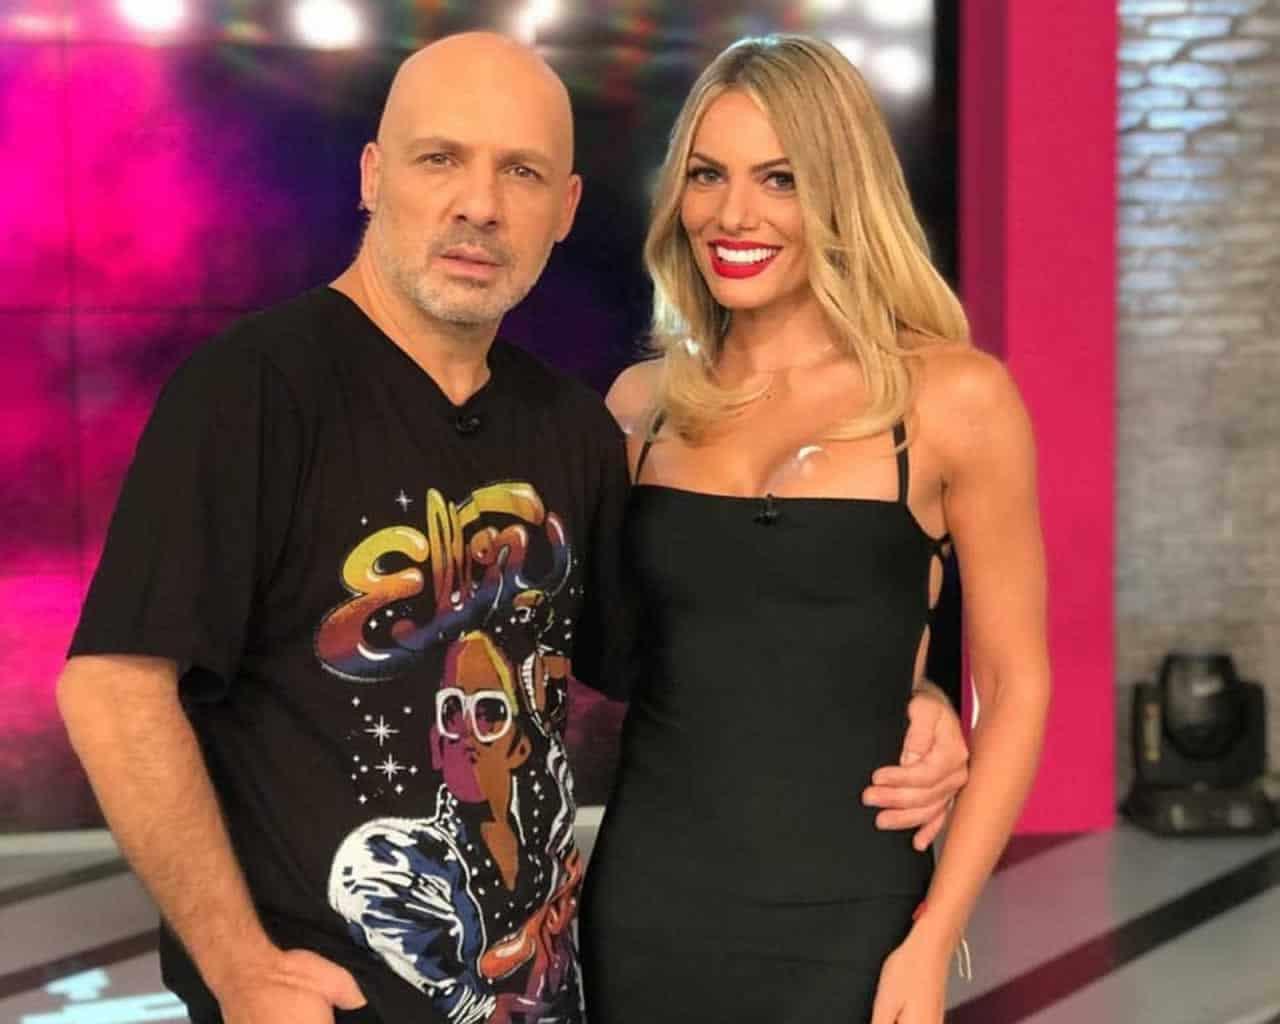 Ιωάννα Μαλέσκου και Νίκος Μουτσινάς